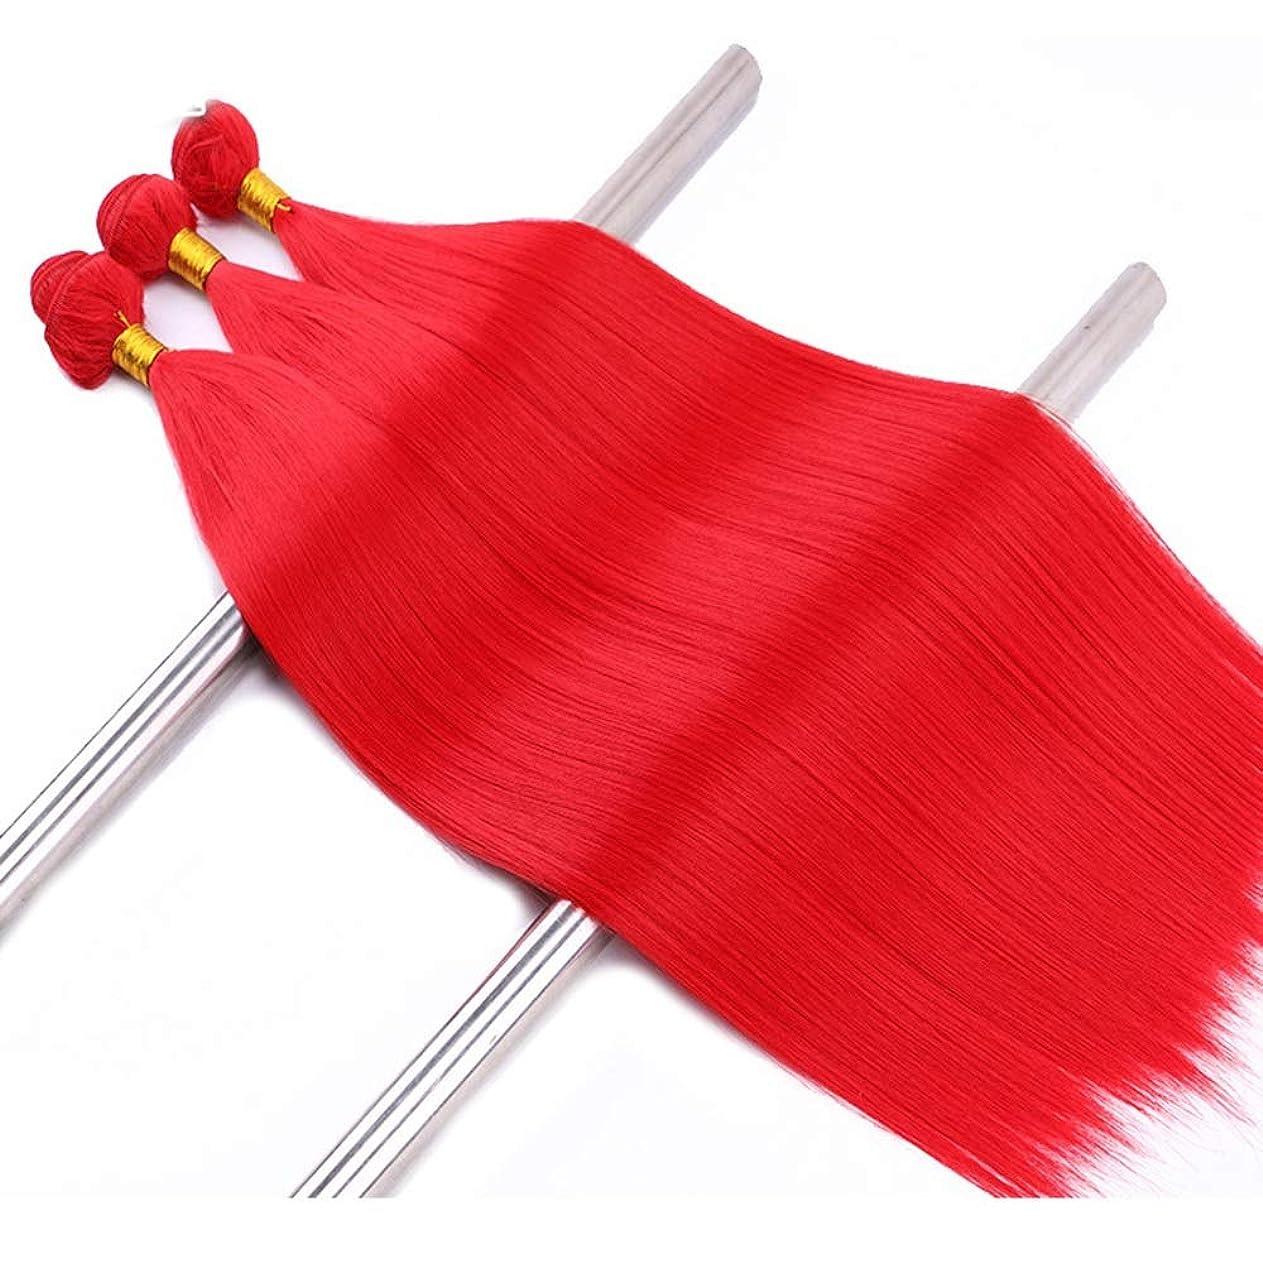 名門フレッシュ反乱YESONEEP レディース赤ストレートヘアカーテン耐熱繊維人工毛ウィッグウィッグ(3束)パーティーウィッグ (Color : Blonde, サイズ : 24inch)